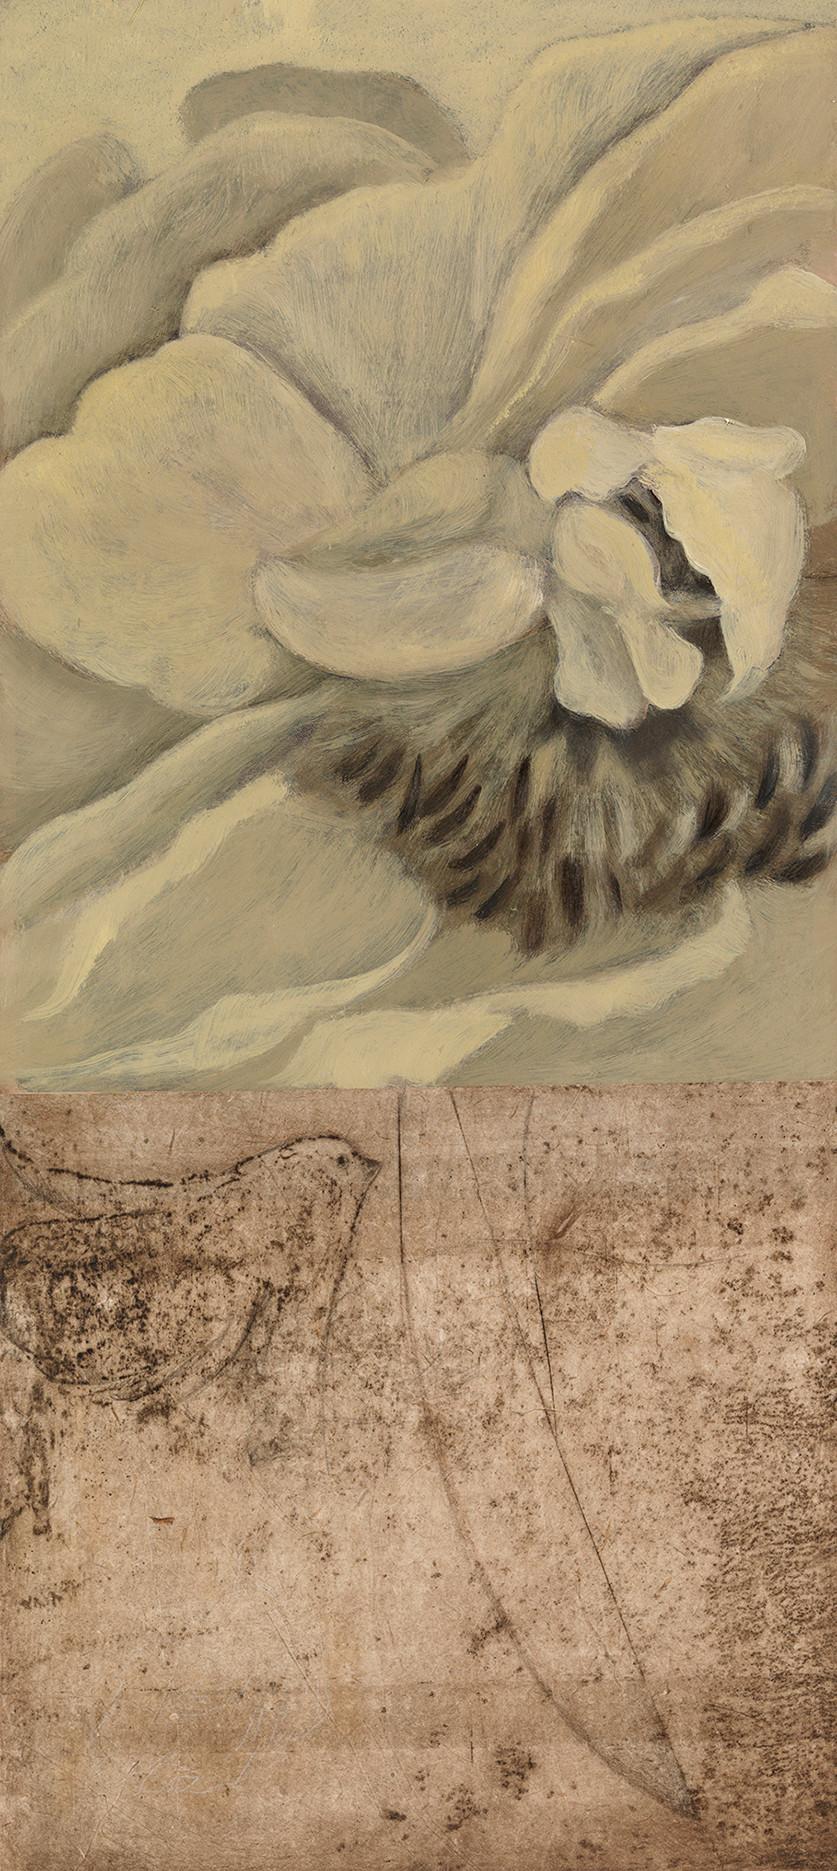 Senza titolo, 2011, olio pastello calcografia, cm 66 x 30